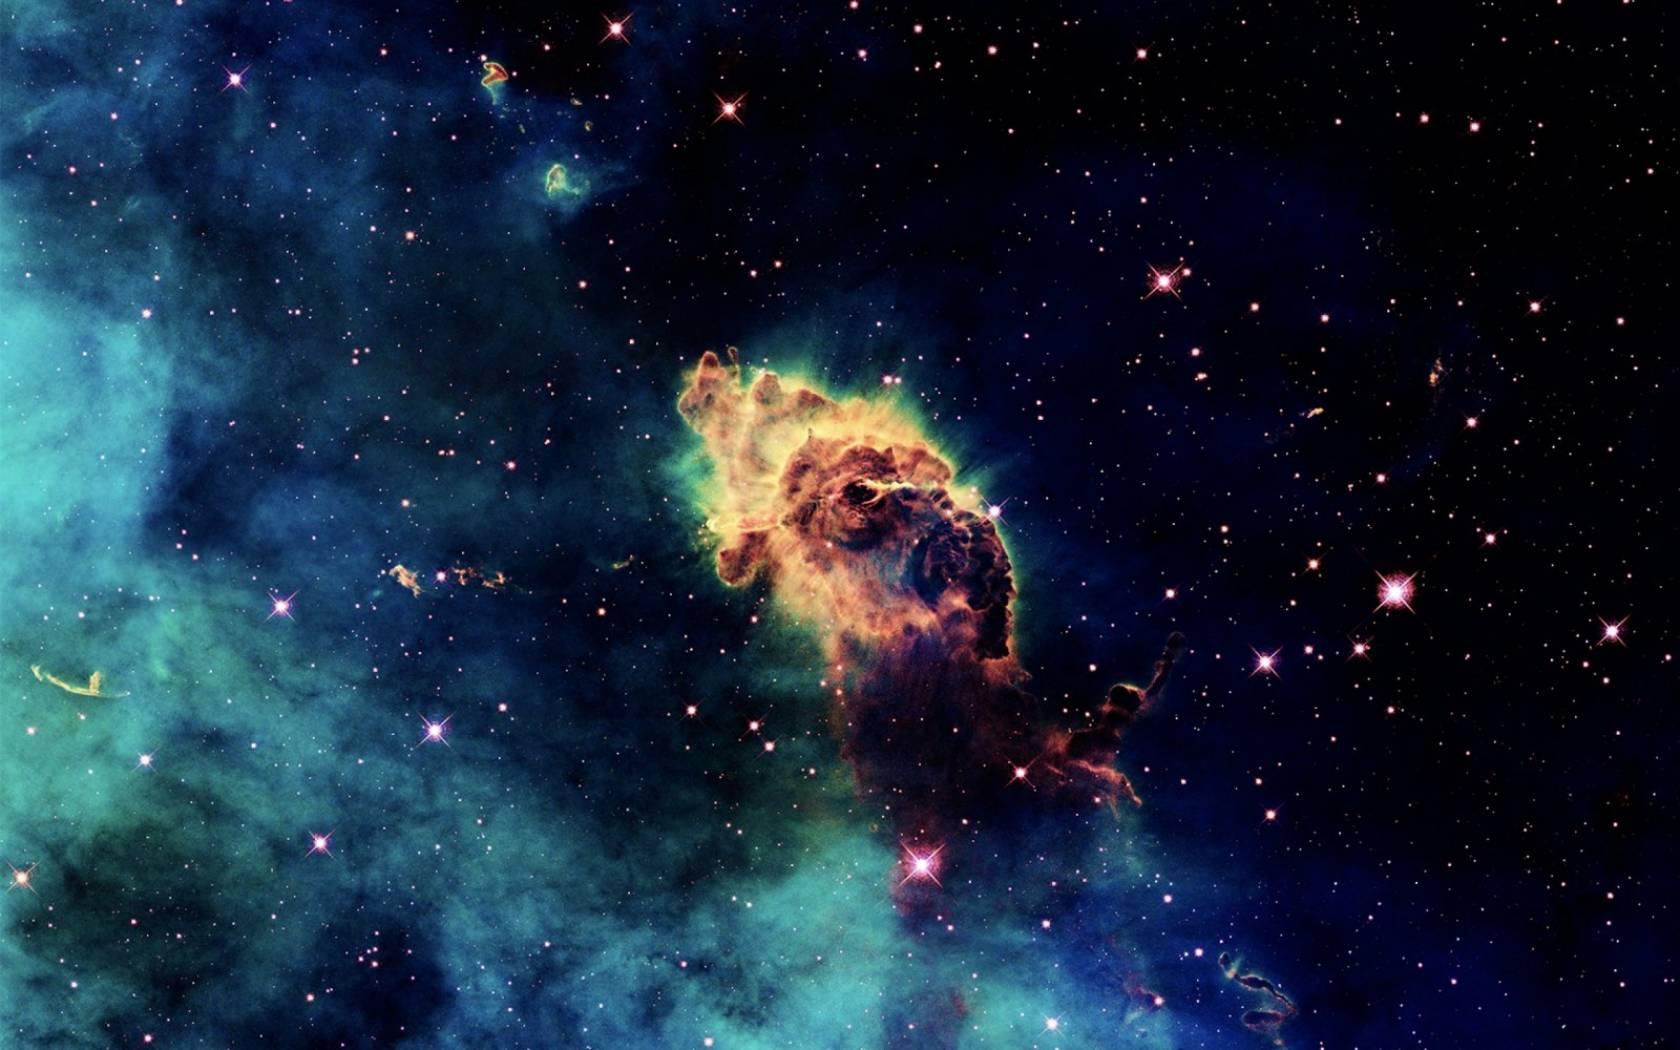 بالصور خلفيات فضاء , افضل الخلفيات للفضاء تبهرك 6613 9